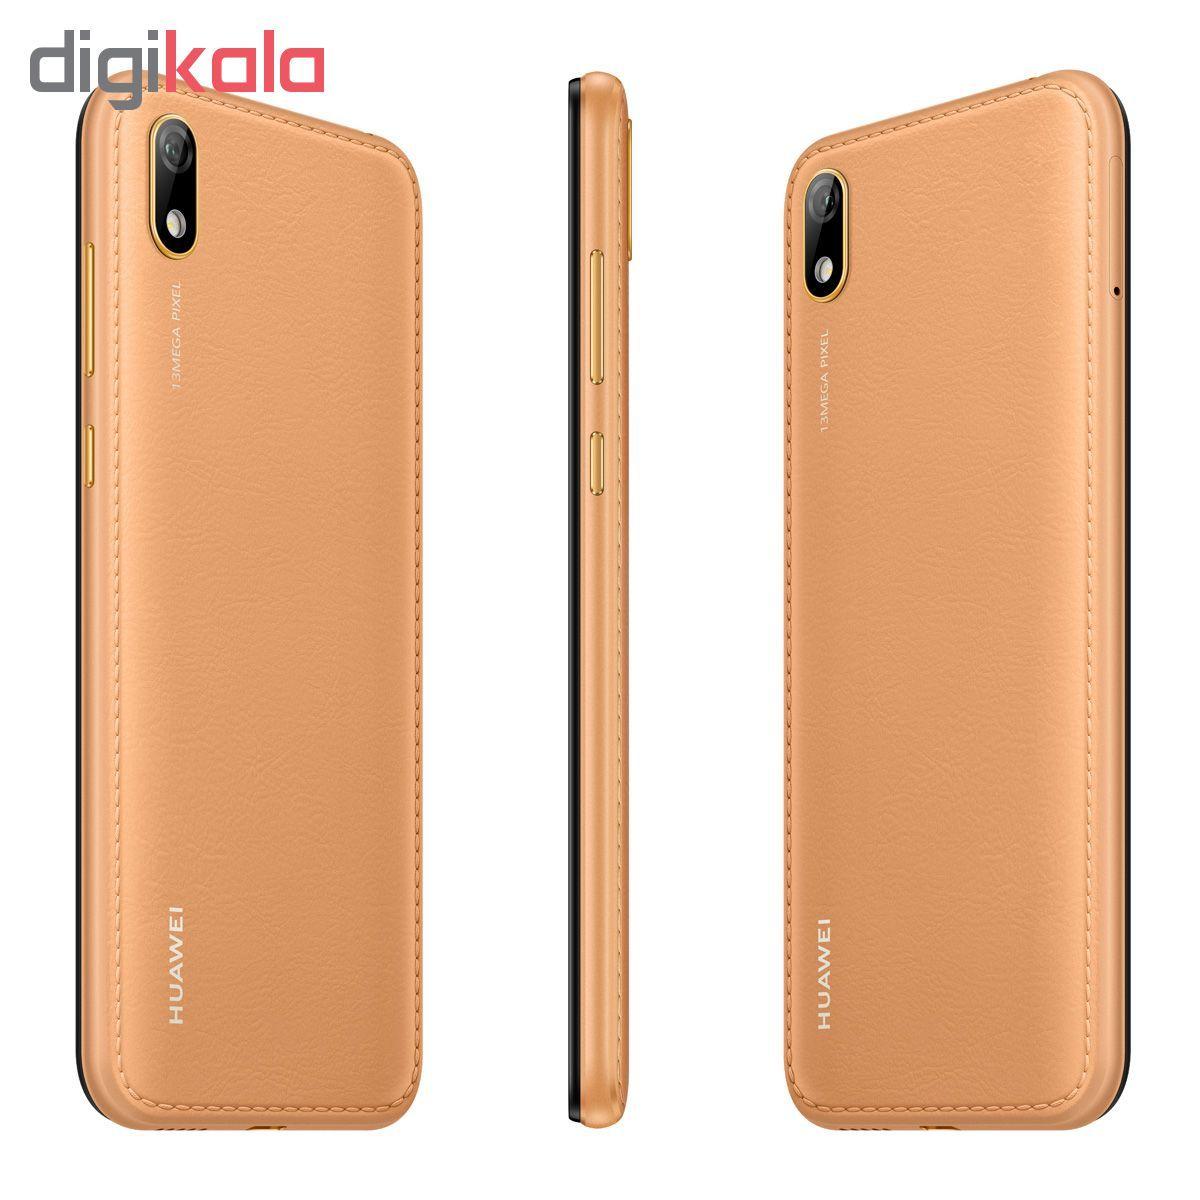 گوشی موبایل هوآوی مدل Y5 2019 AMN-LX9 دو سیم کارت ظرفیت 32 گیگابایت main 1 4